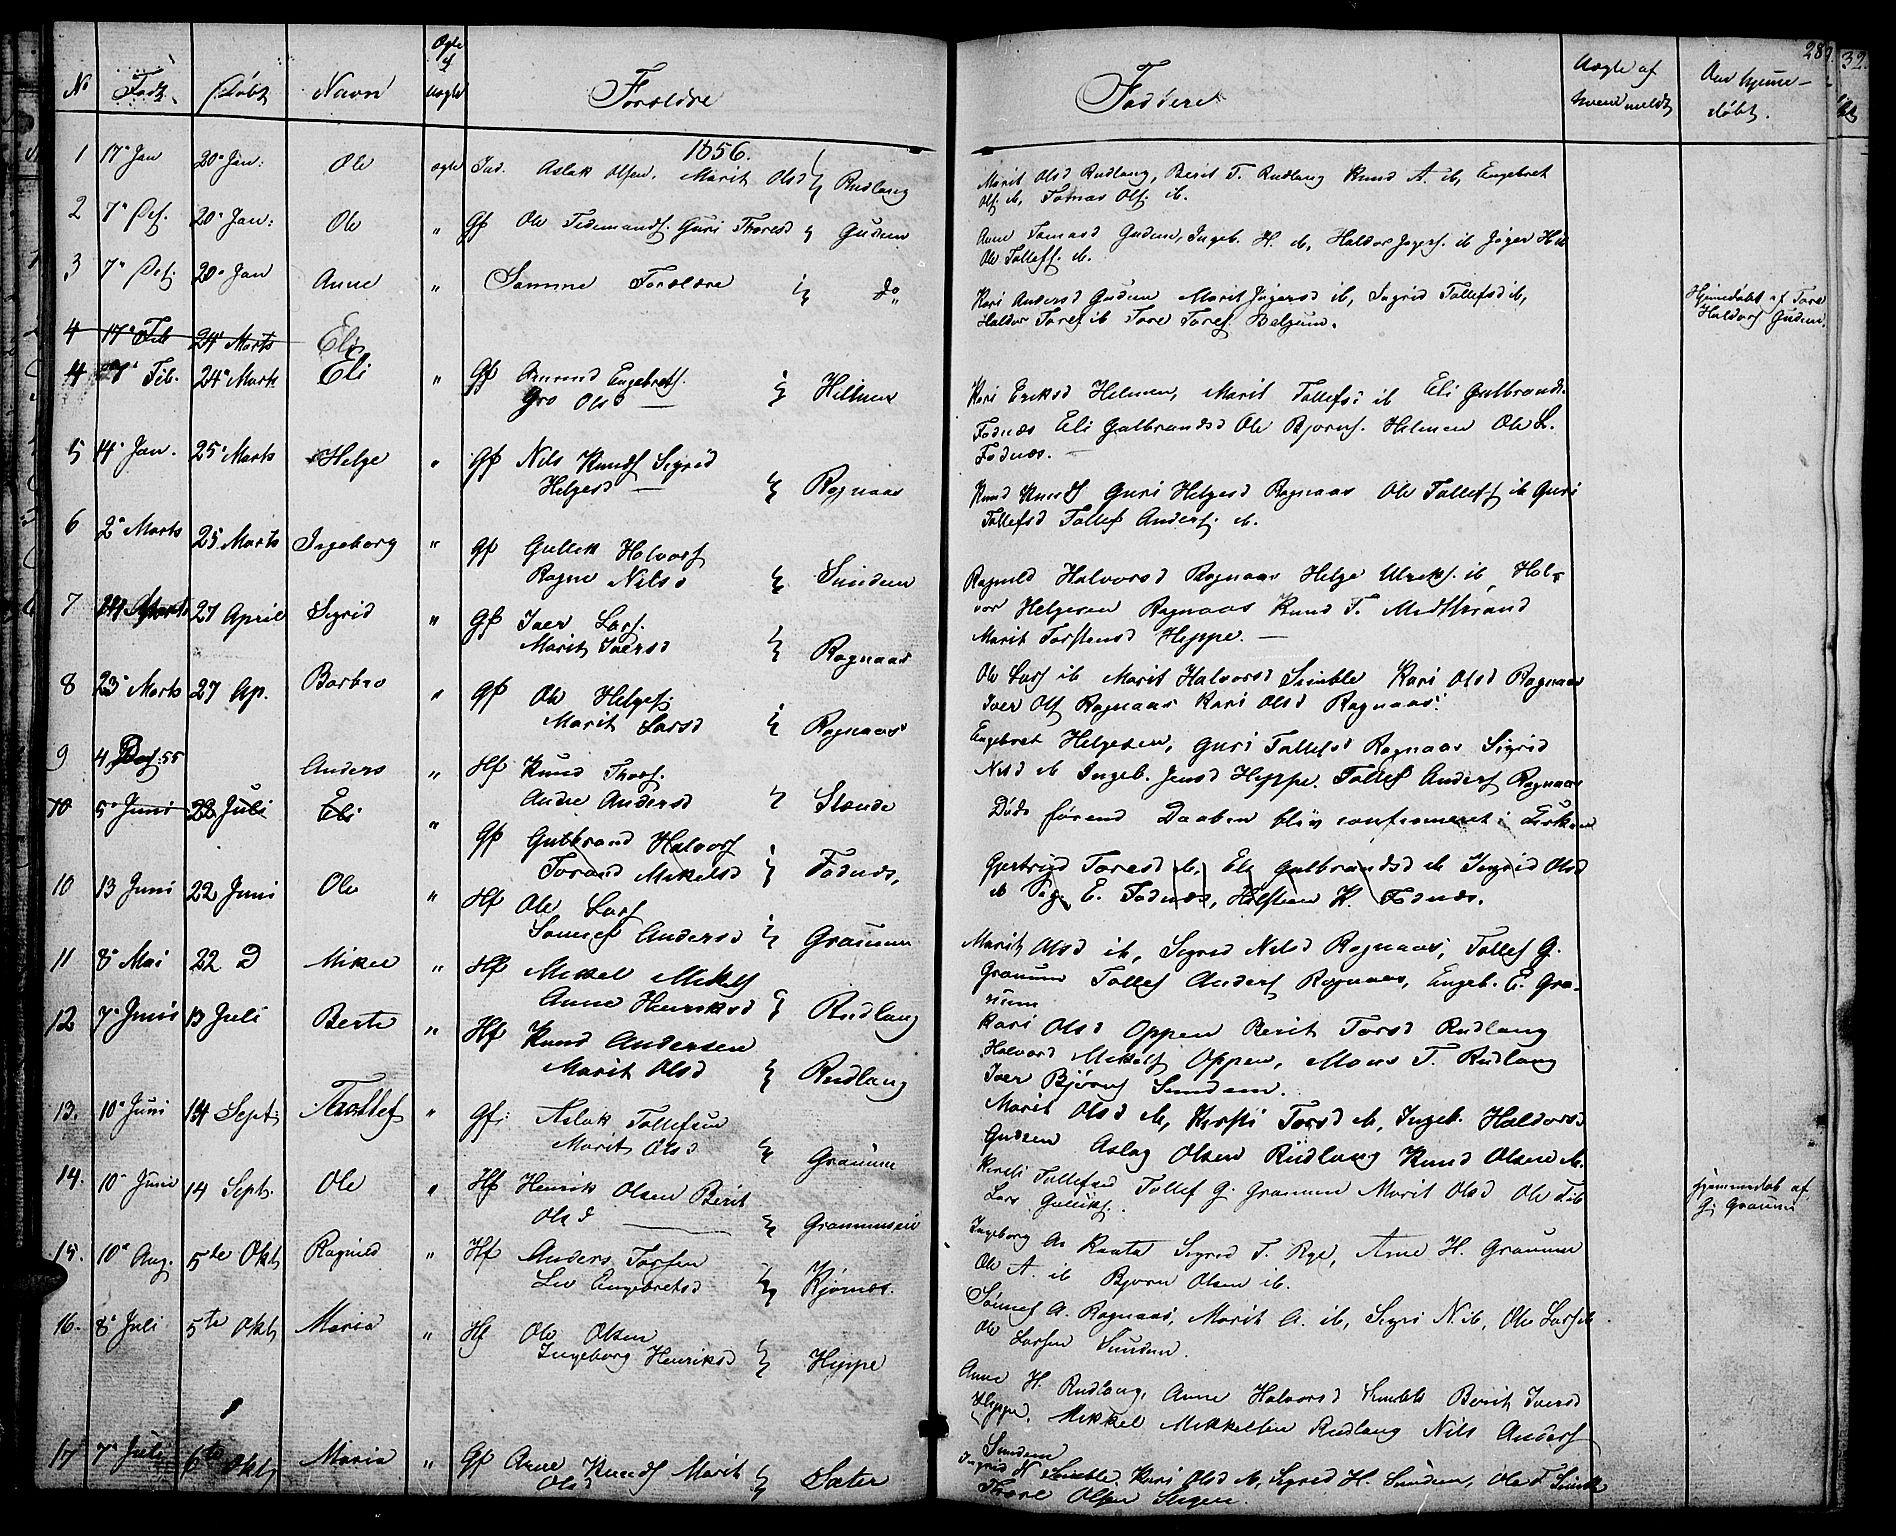 SAH, Nord-Aurdal prestekontor, Klokkerbok nr. 4, 1842-1882, s. 28